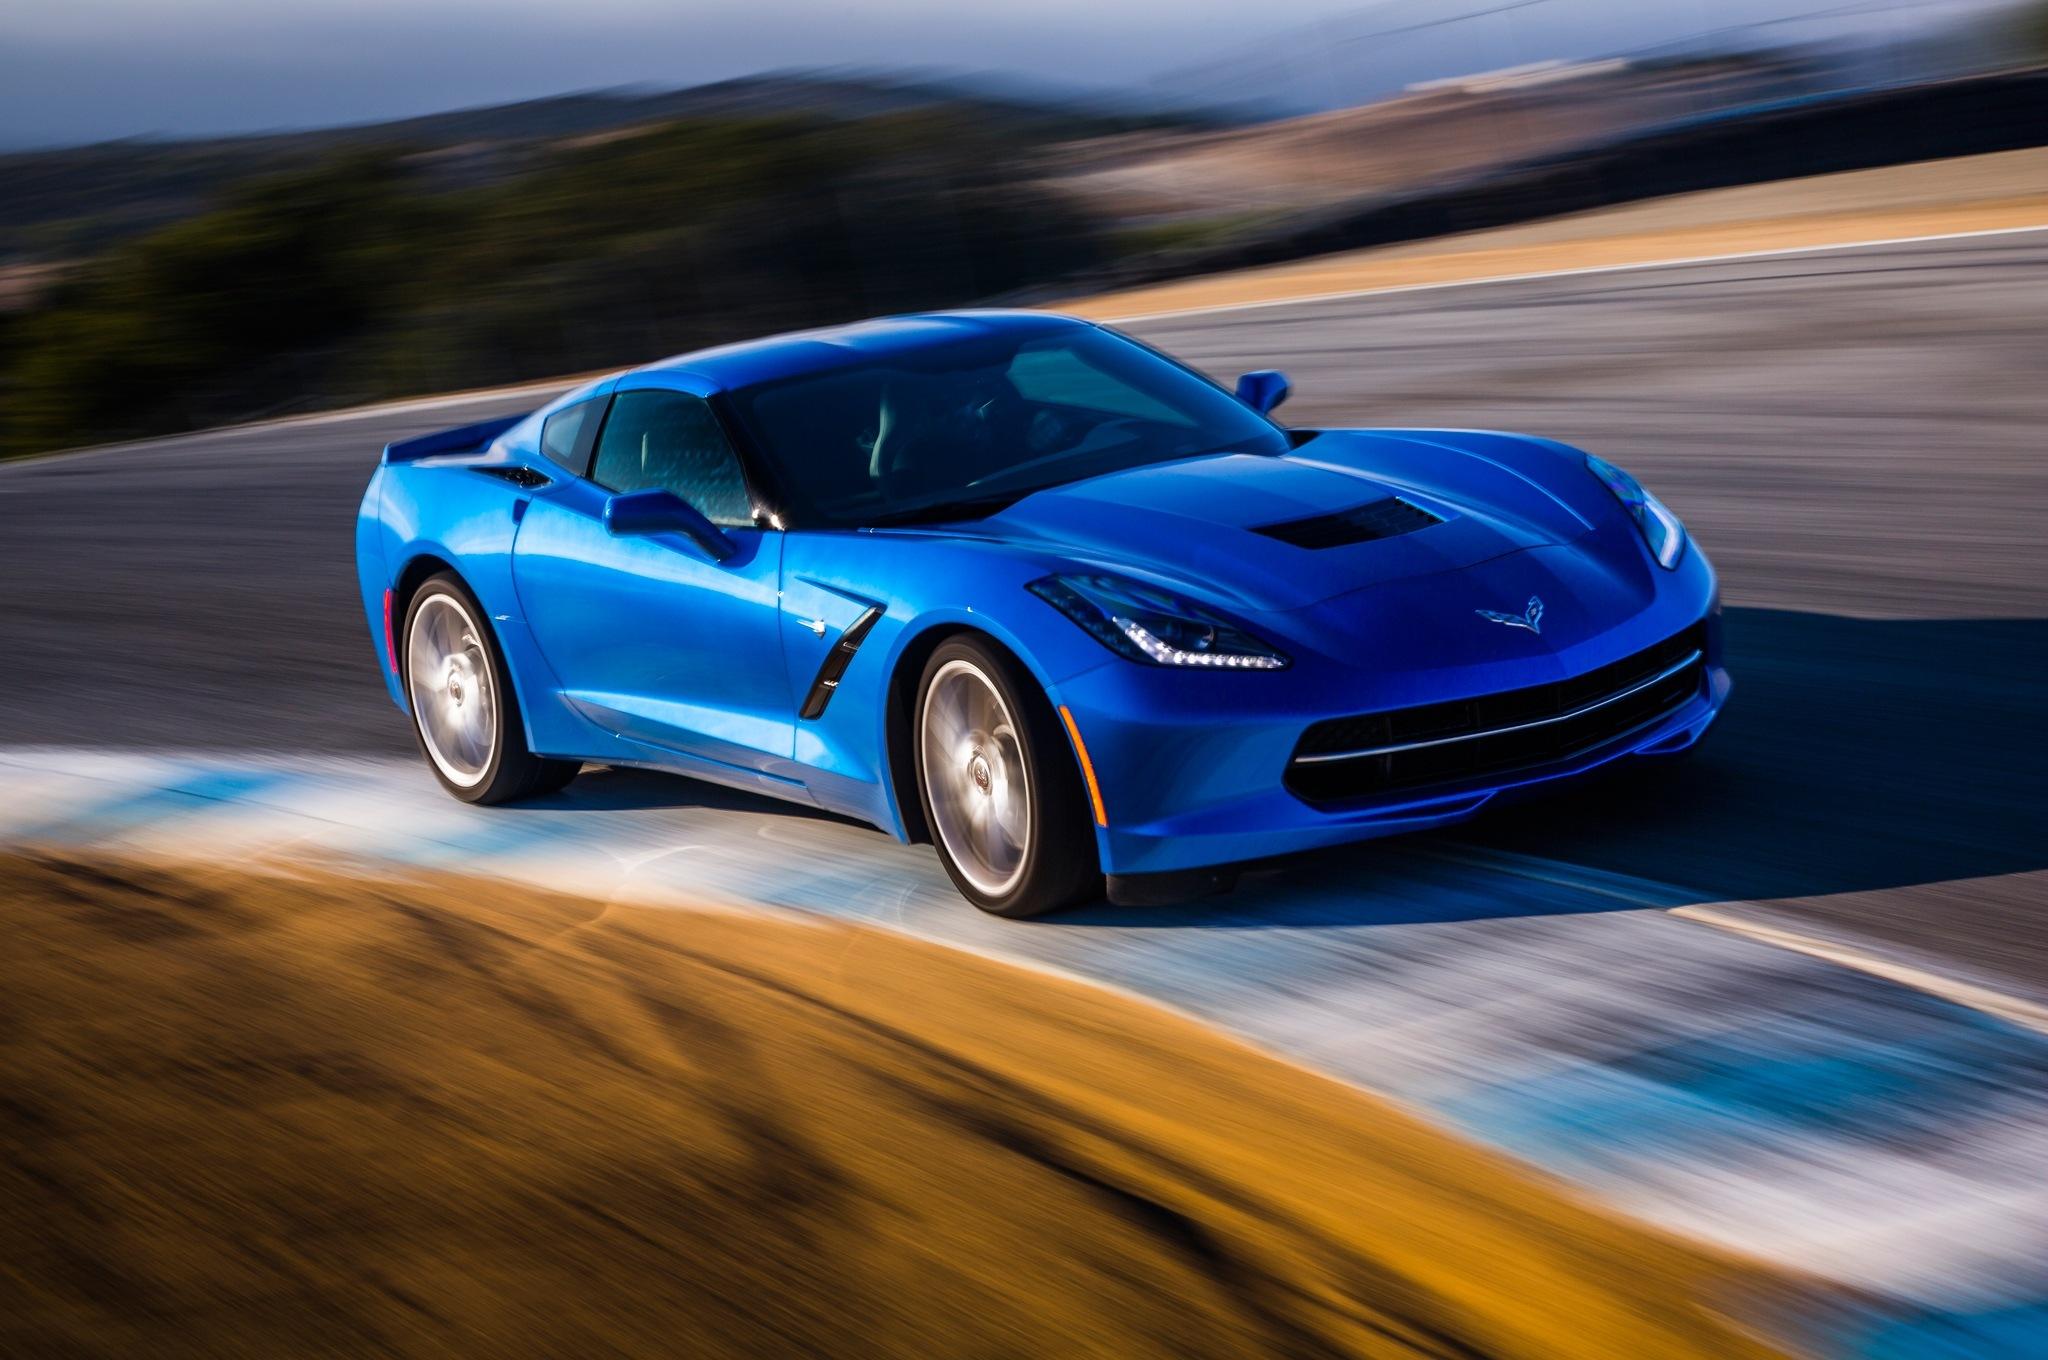 2014-Chevrolet-Corvette-Stingray-z51-front-end-in-motion